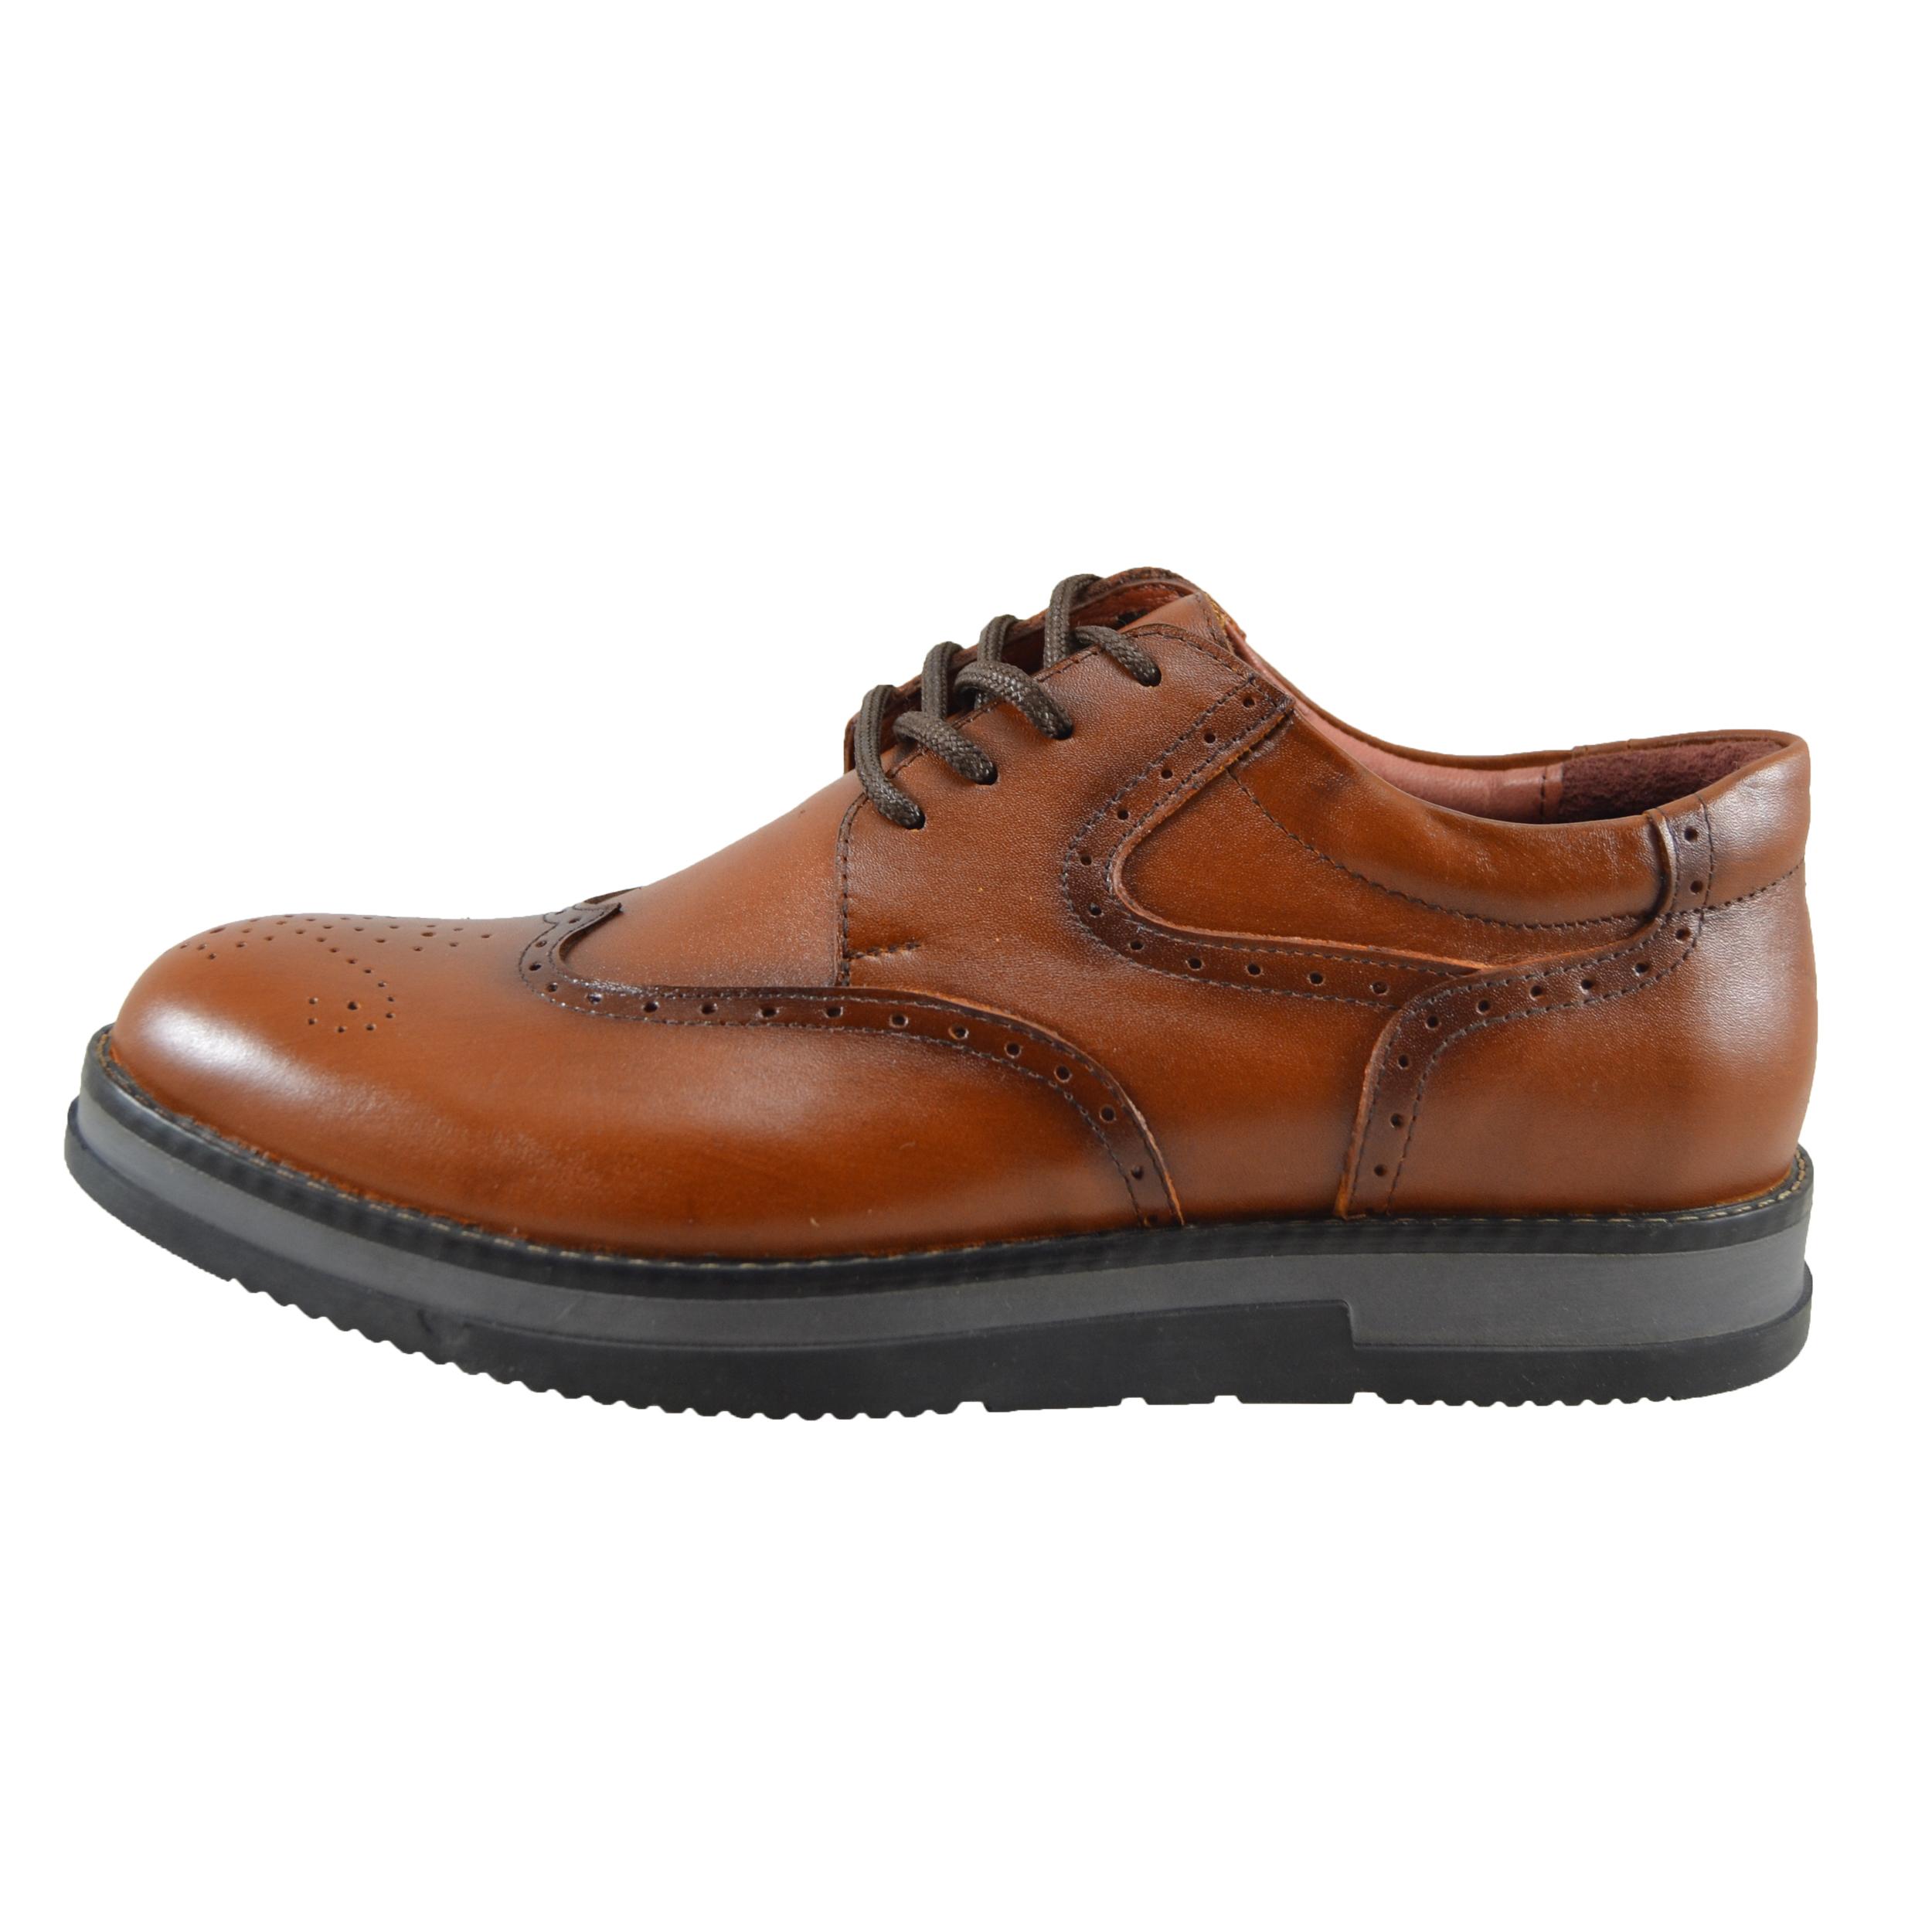 کفش روزمره مردانه کد 251             , خرید اینترنتی